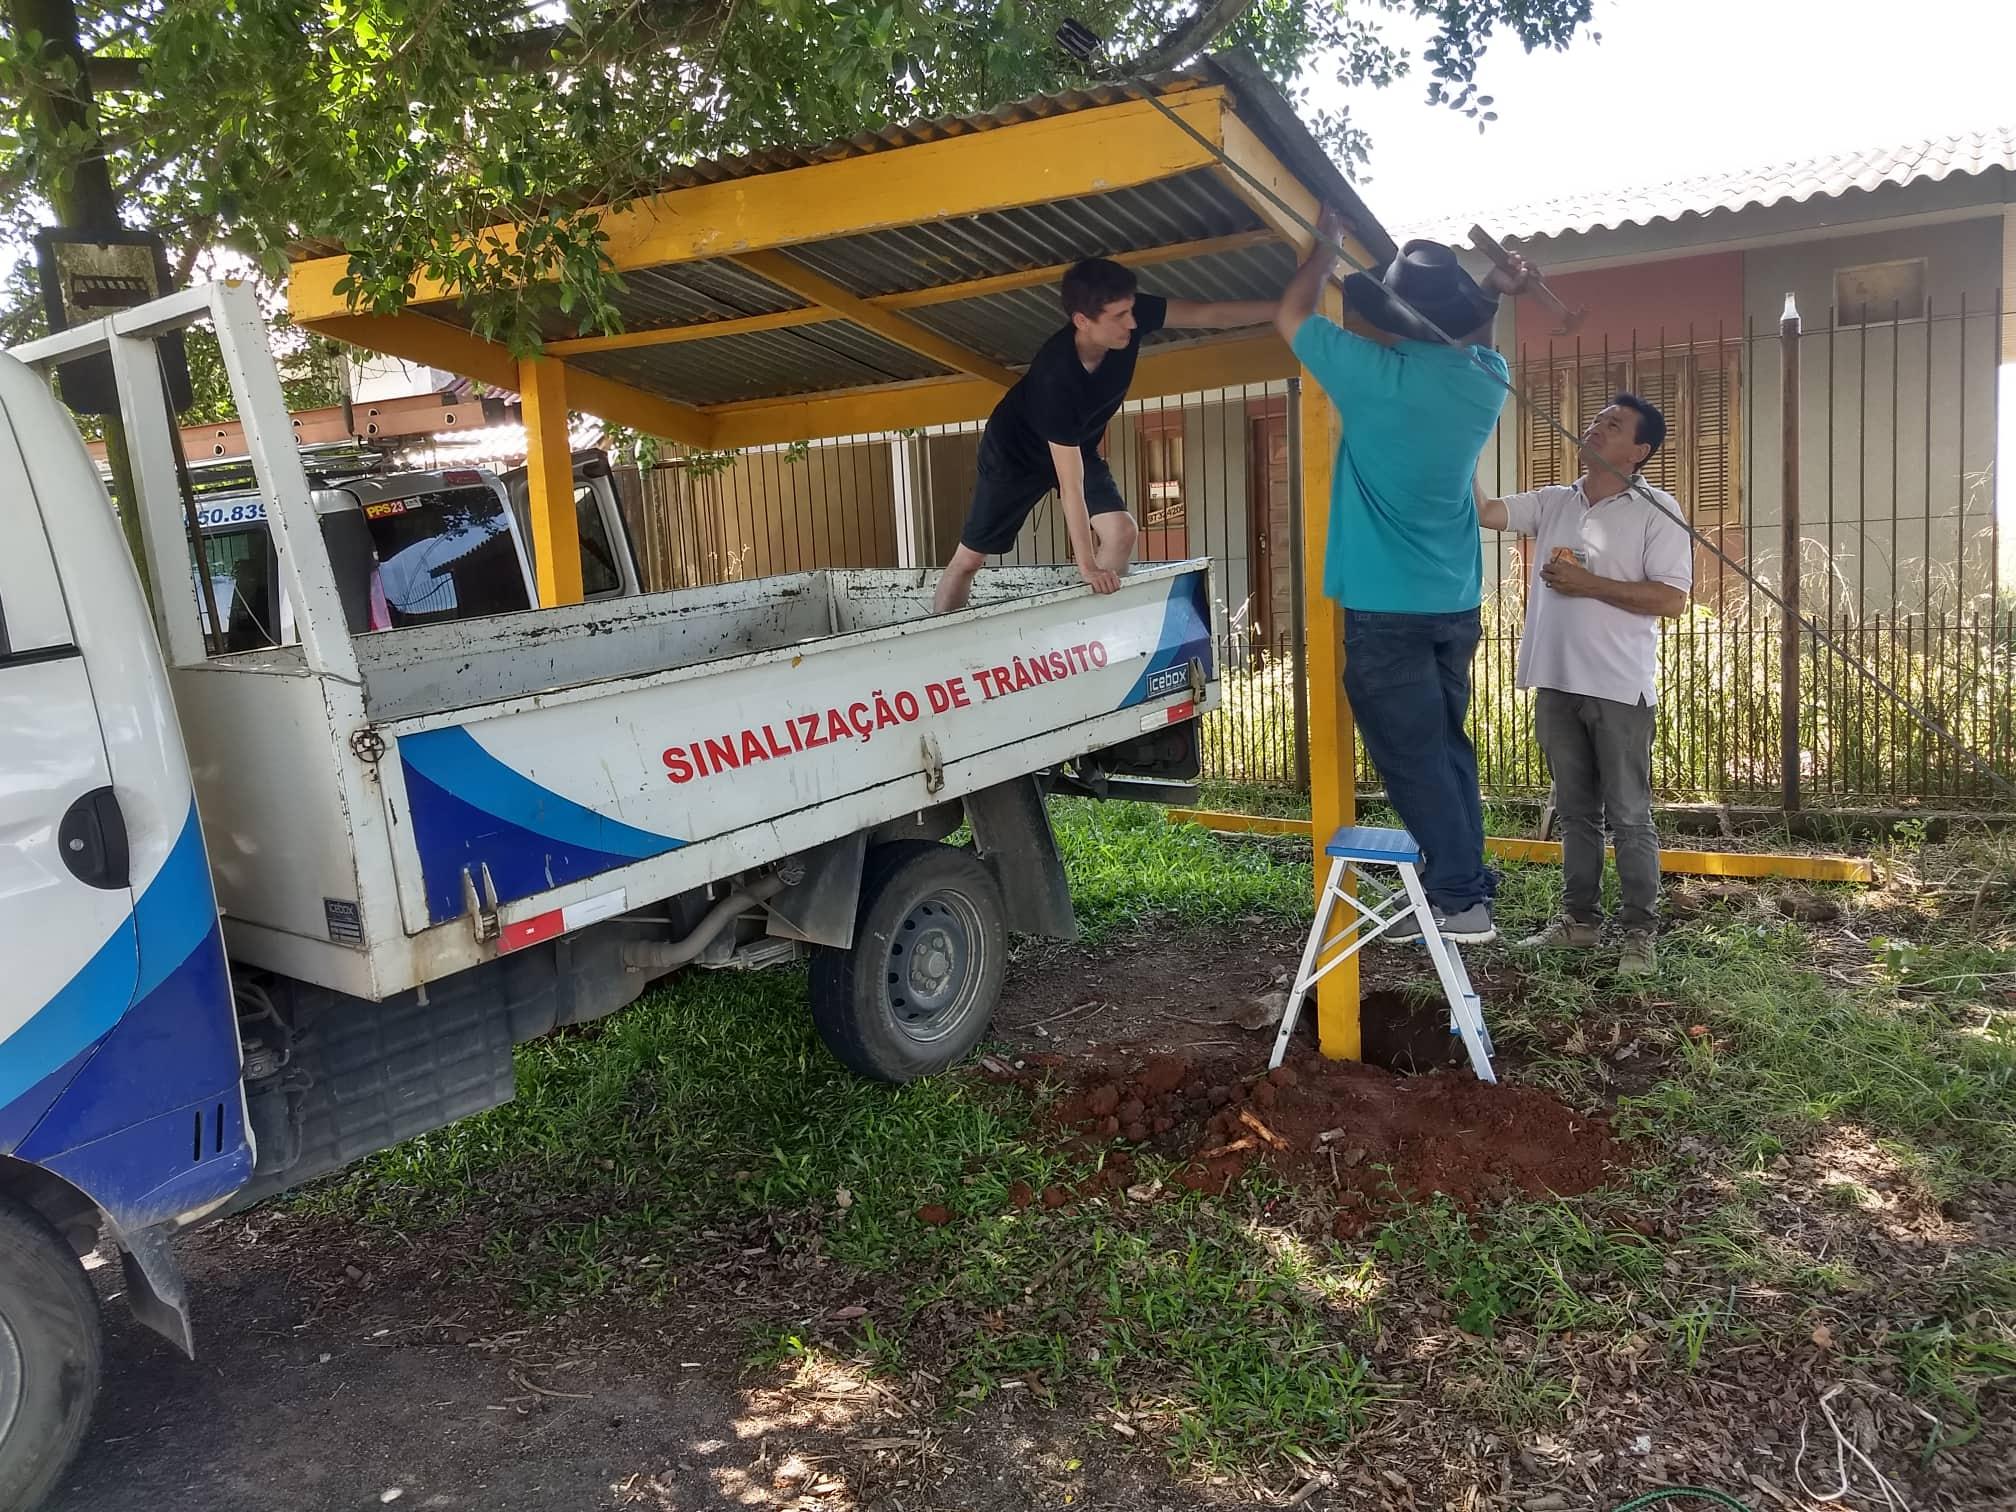 Vereador Manoel Eletricista faz reparos em abrigos de ônibus